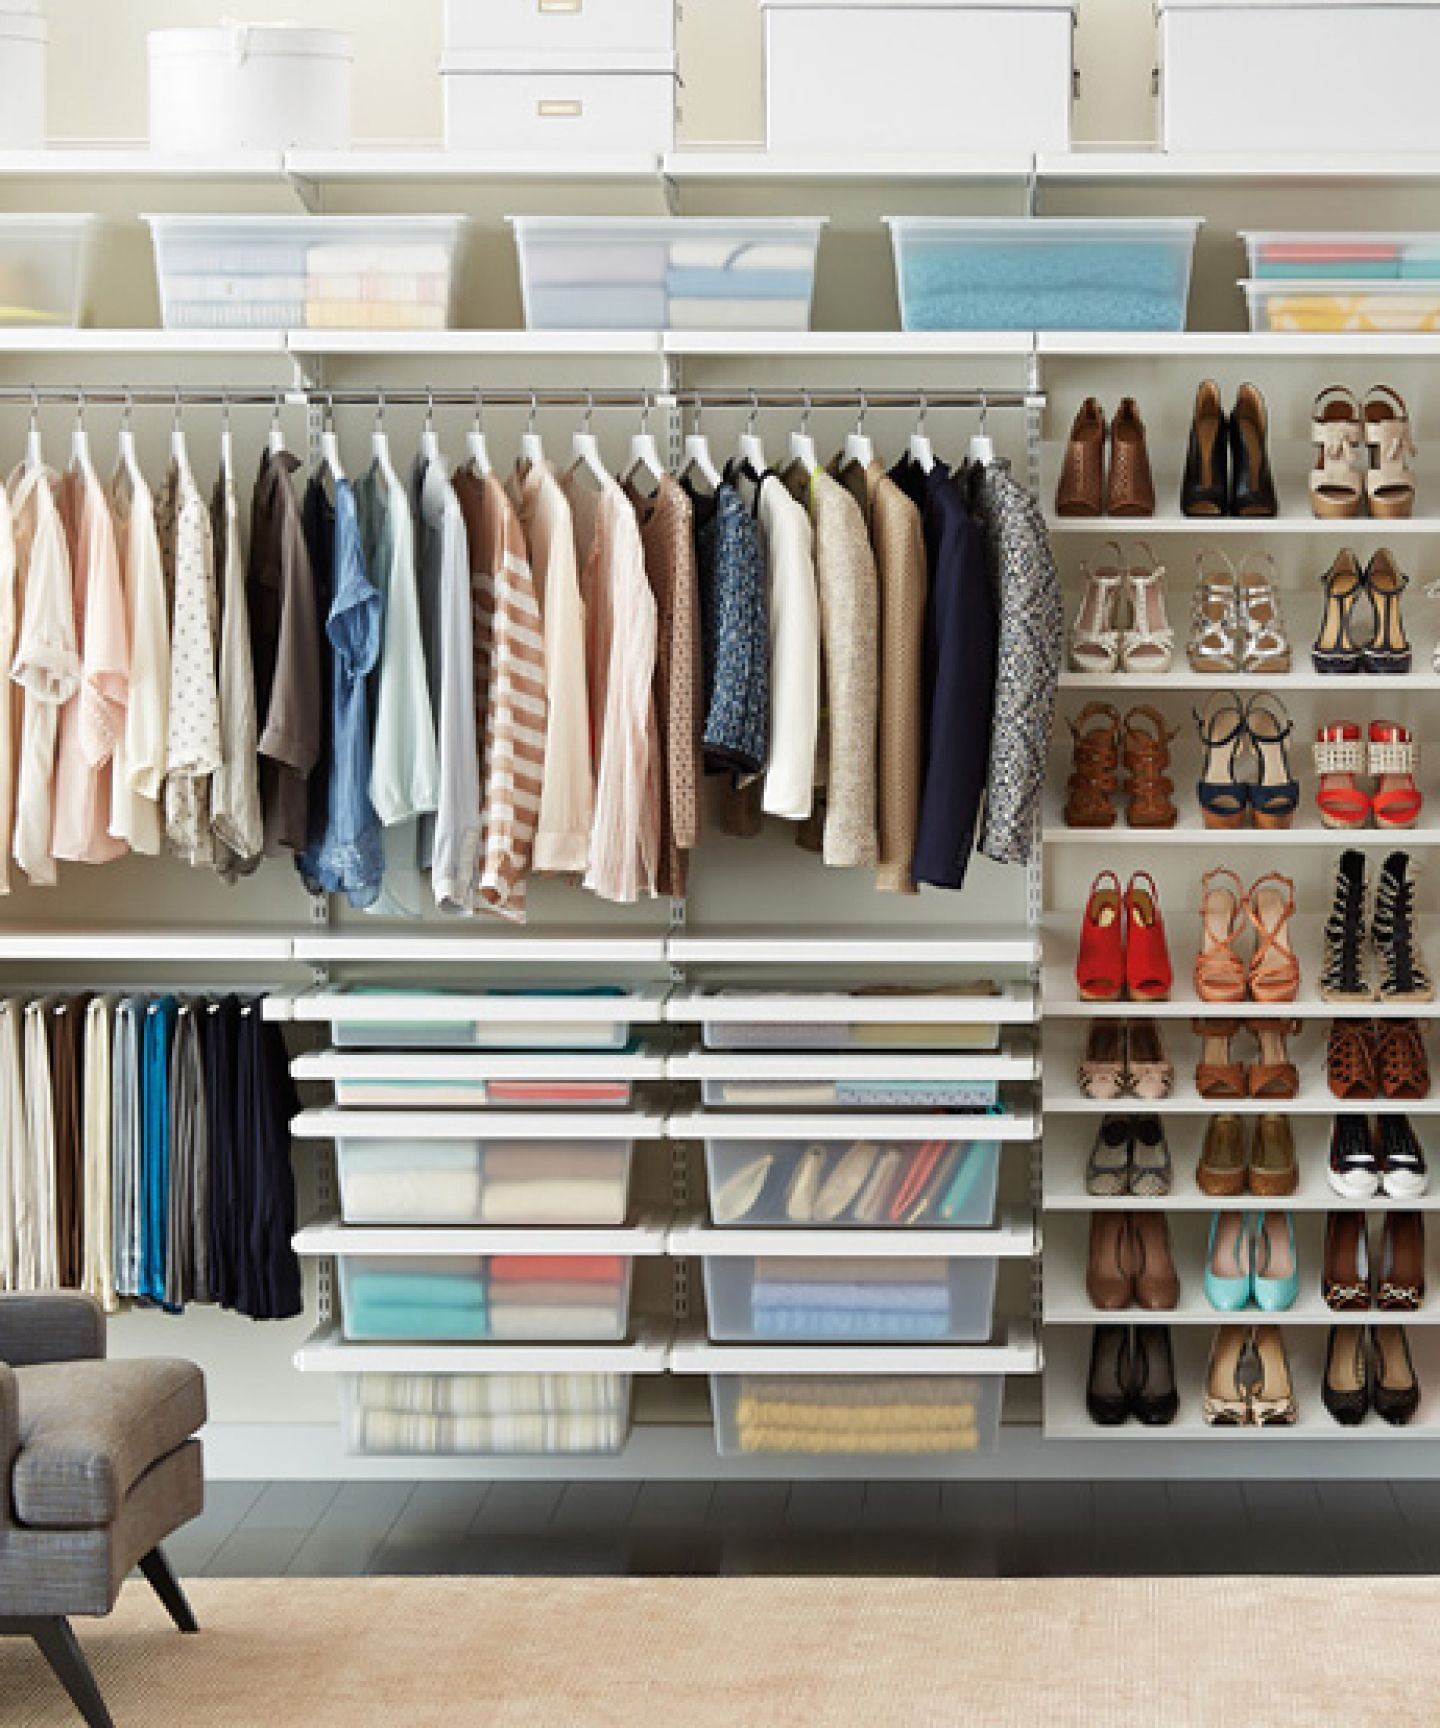 Как компактно сложить вещи в шкафу, чтобы не мялись?